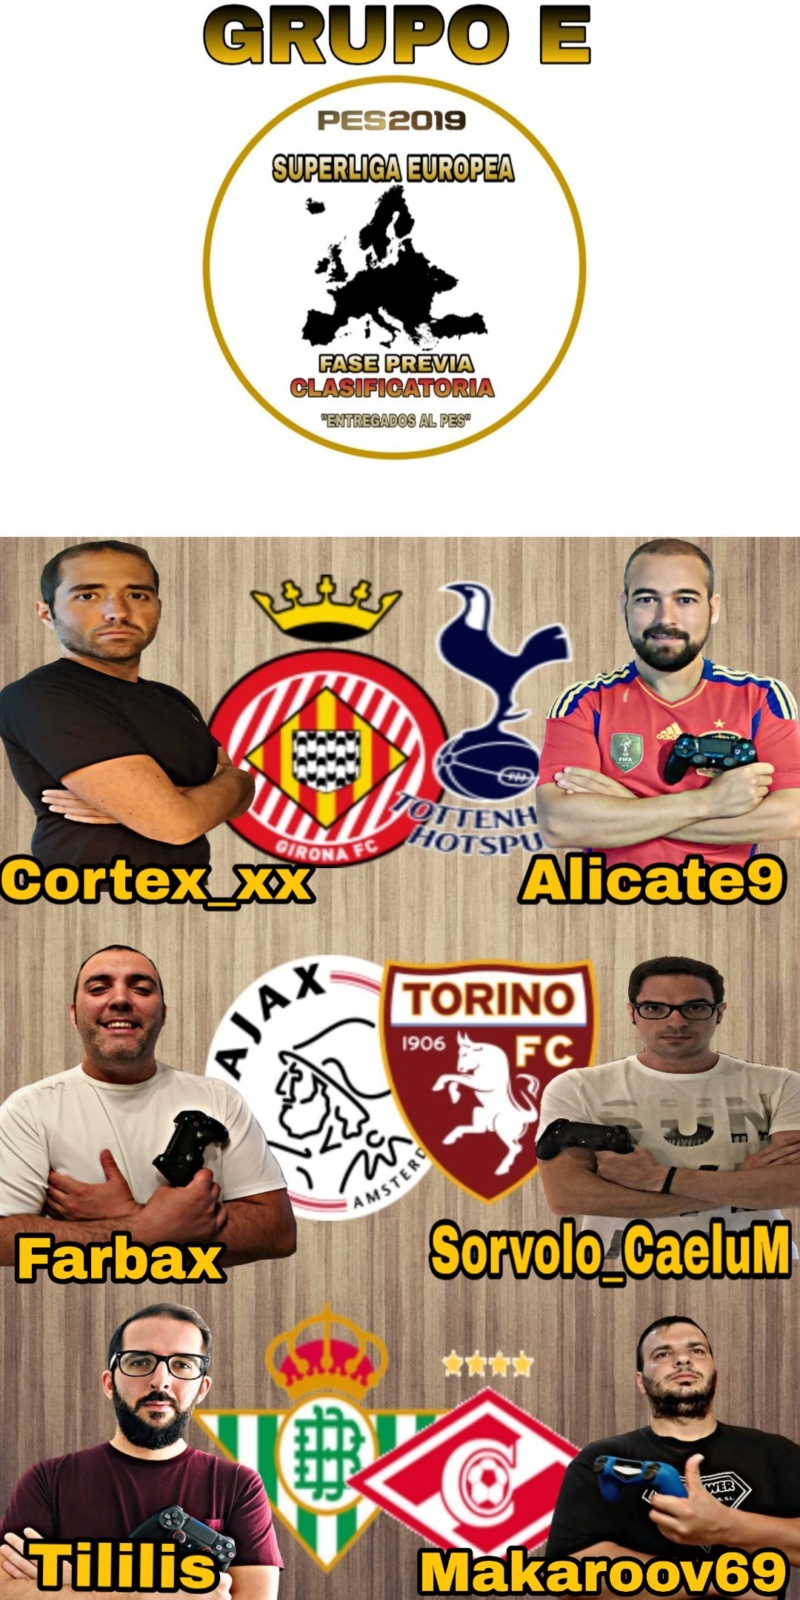 MANAGERS GRUPO E SUPERLIGA INTERNACIONAL Picsa131